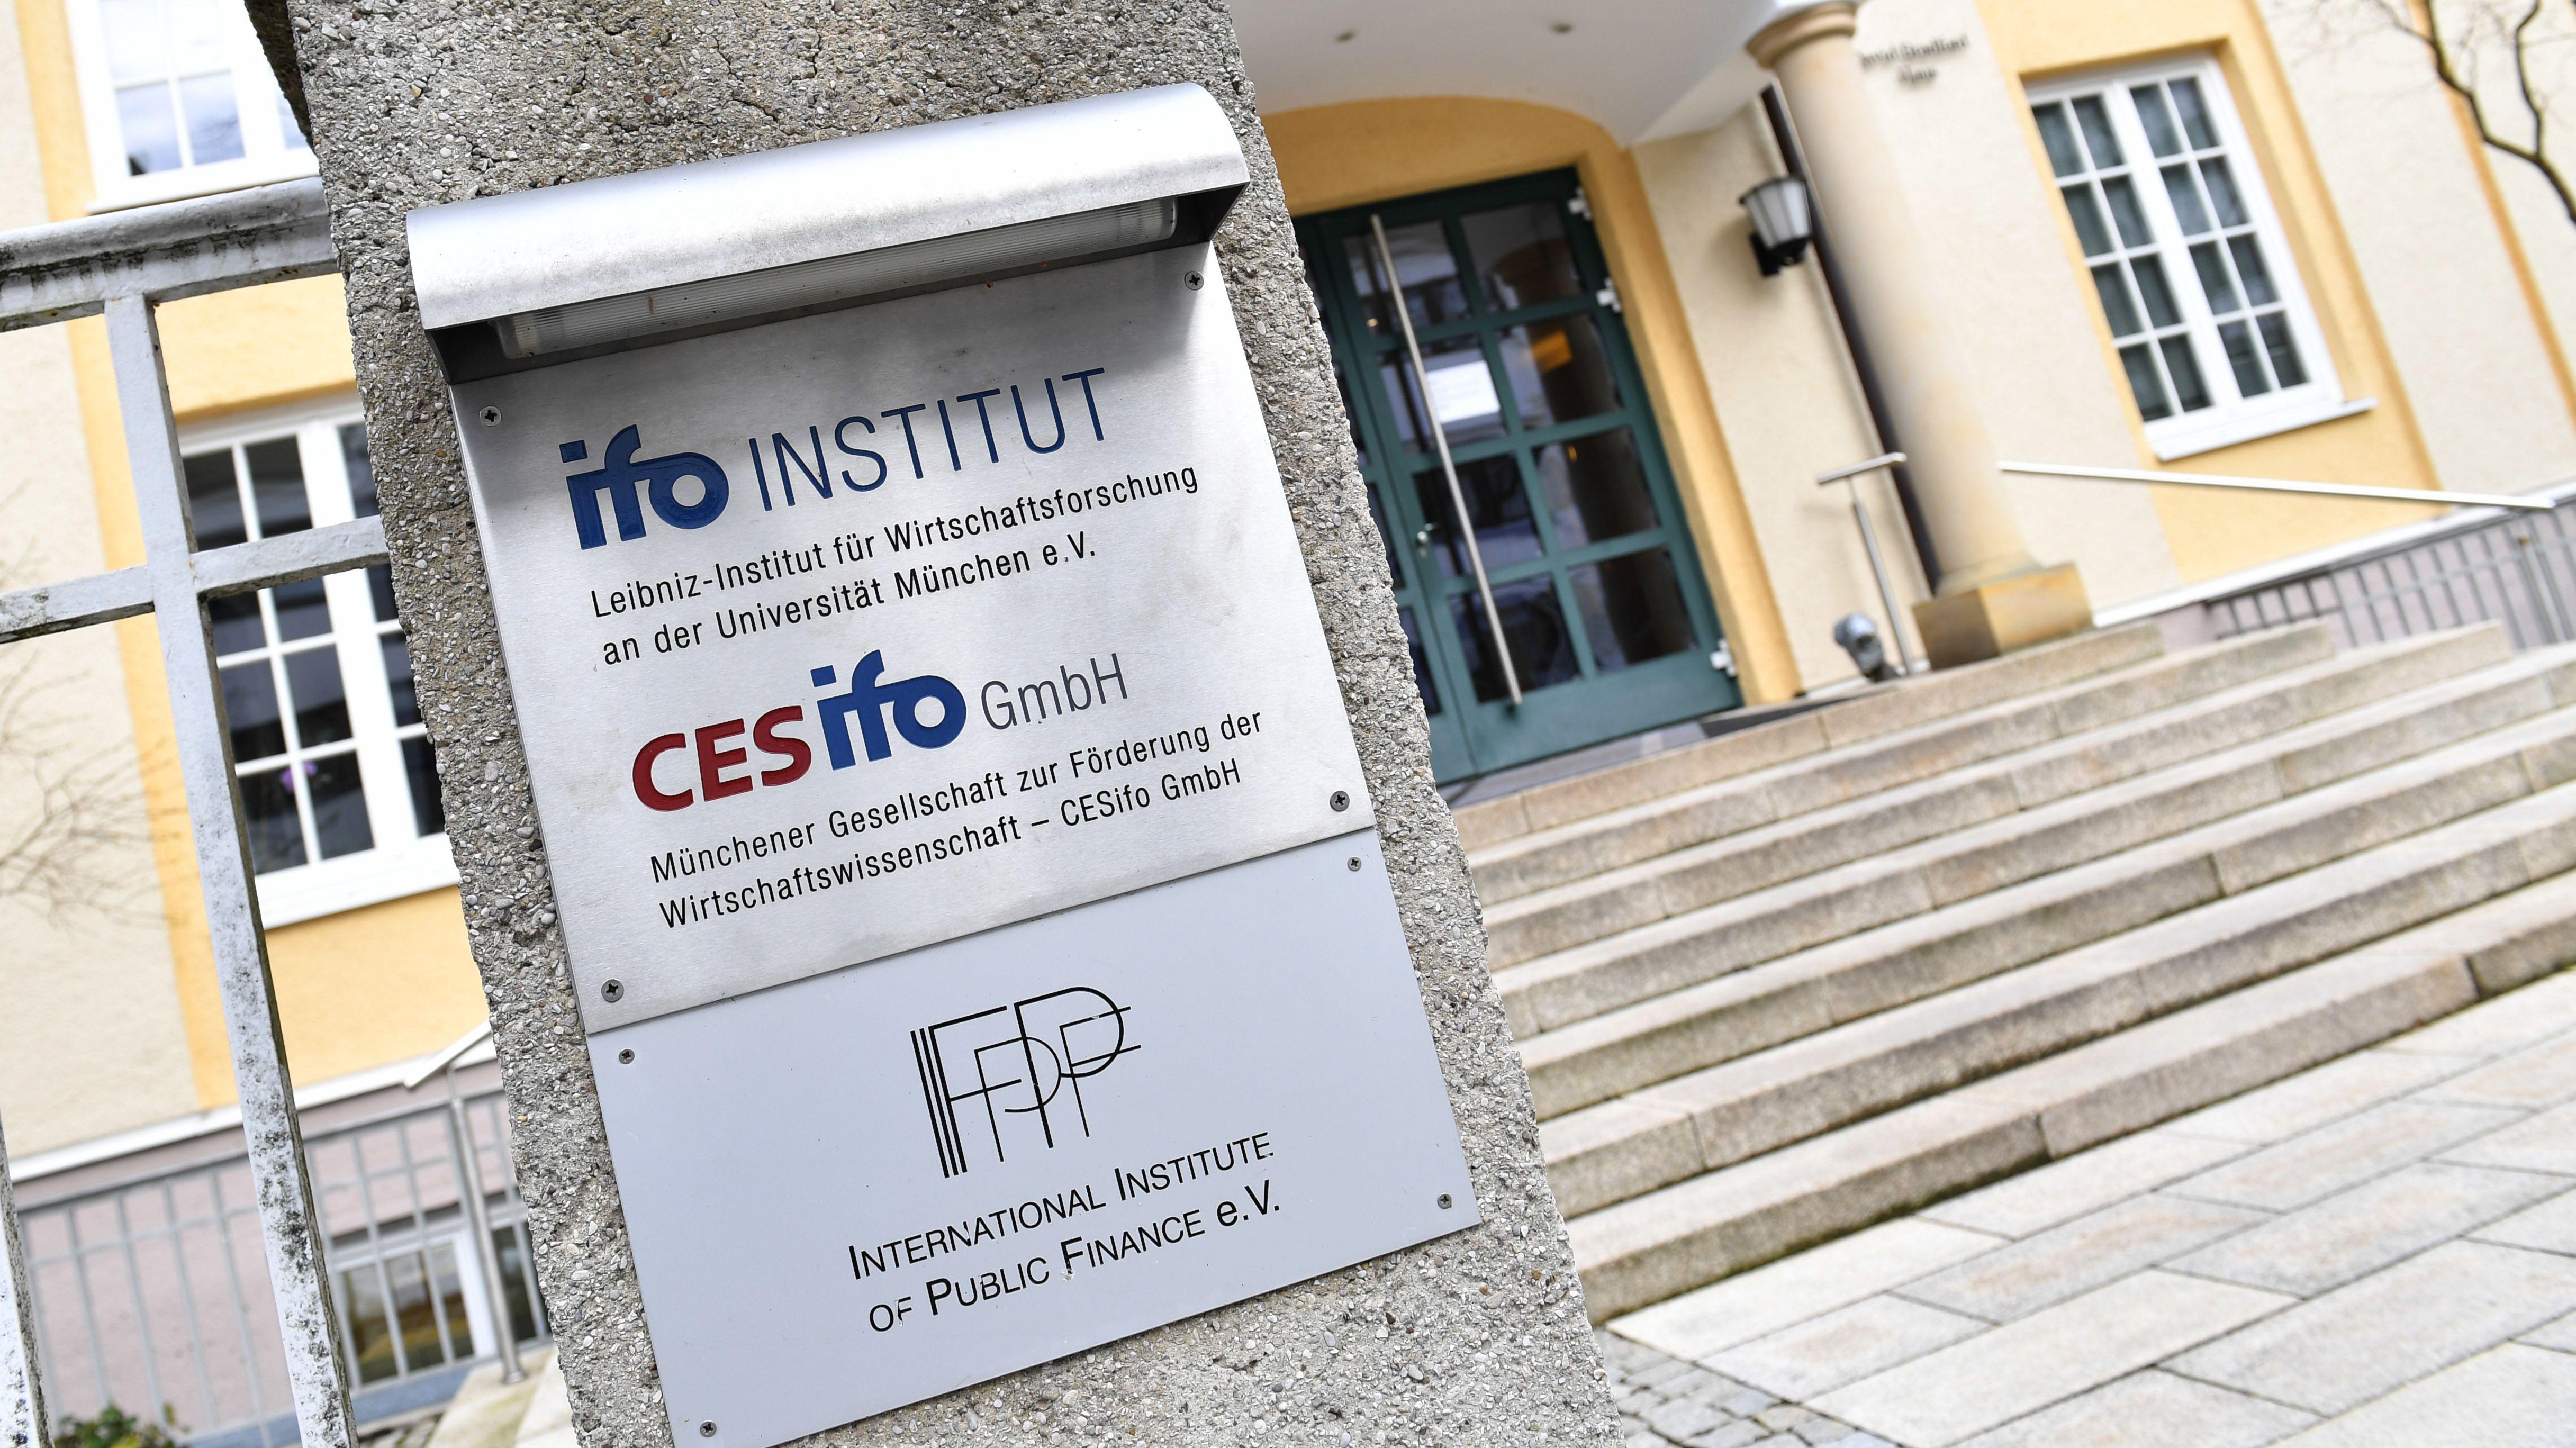 Der Eingang des Ifo-Instituts in München